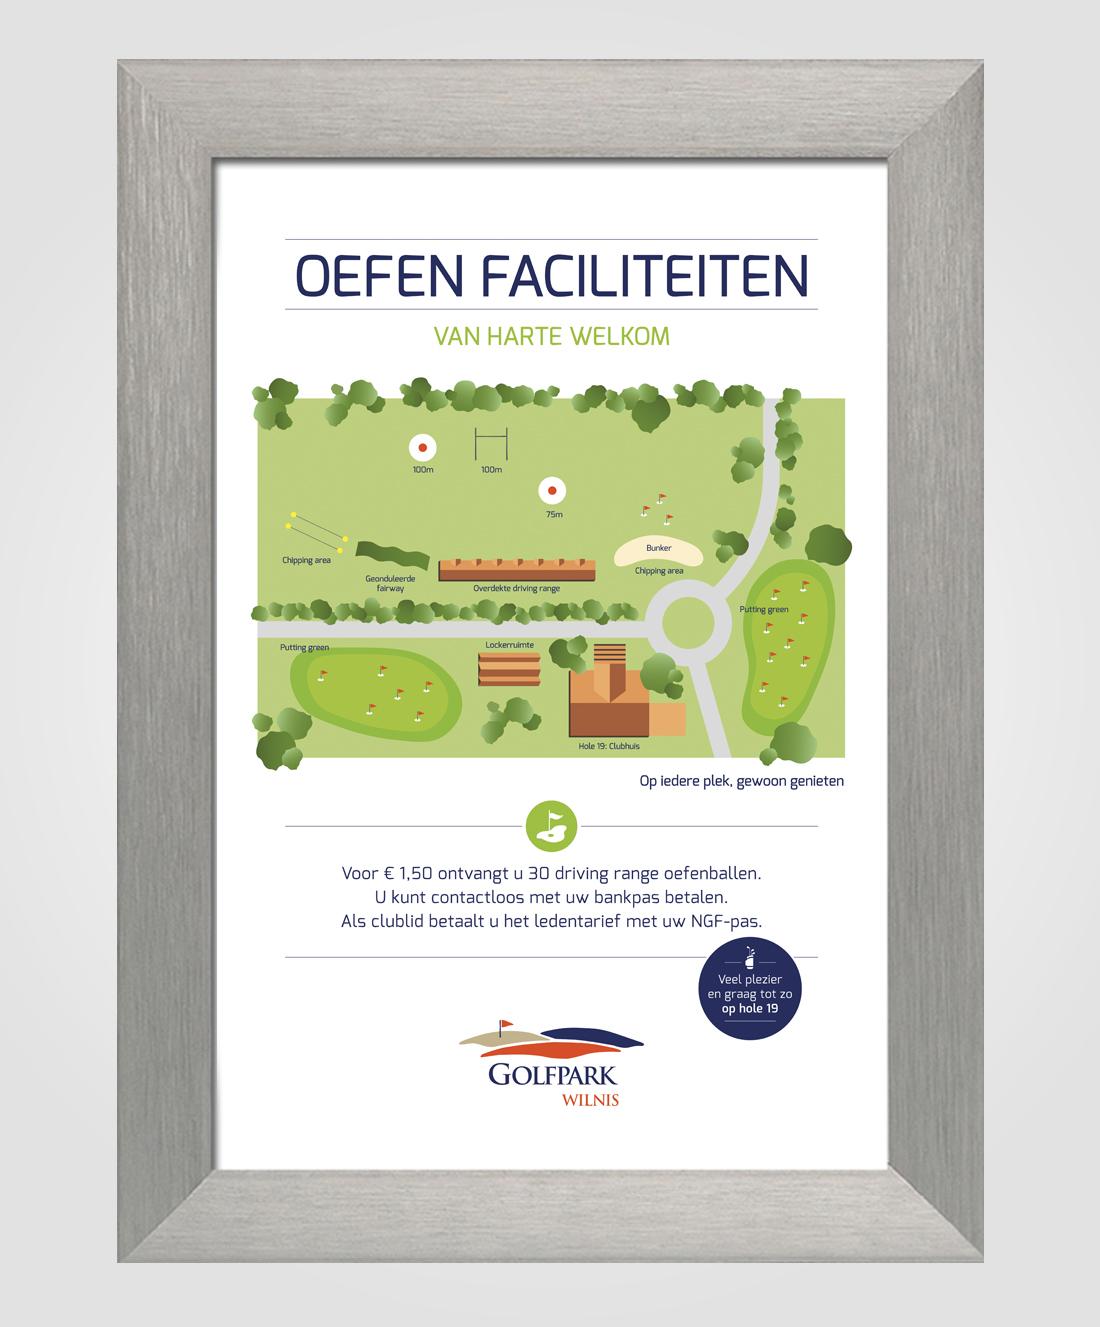 Bord voor Golfpark Wilnis met een geillustreerde kaart van de oefenfaciliteiten